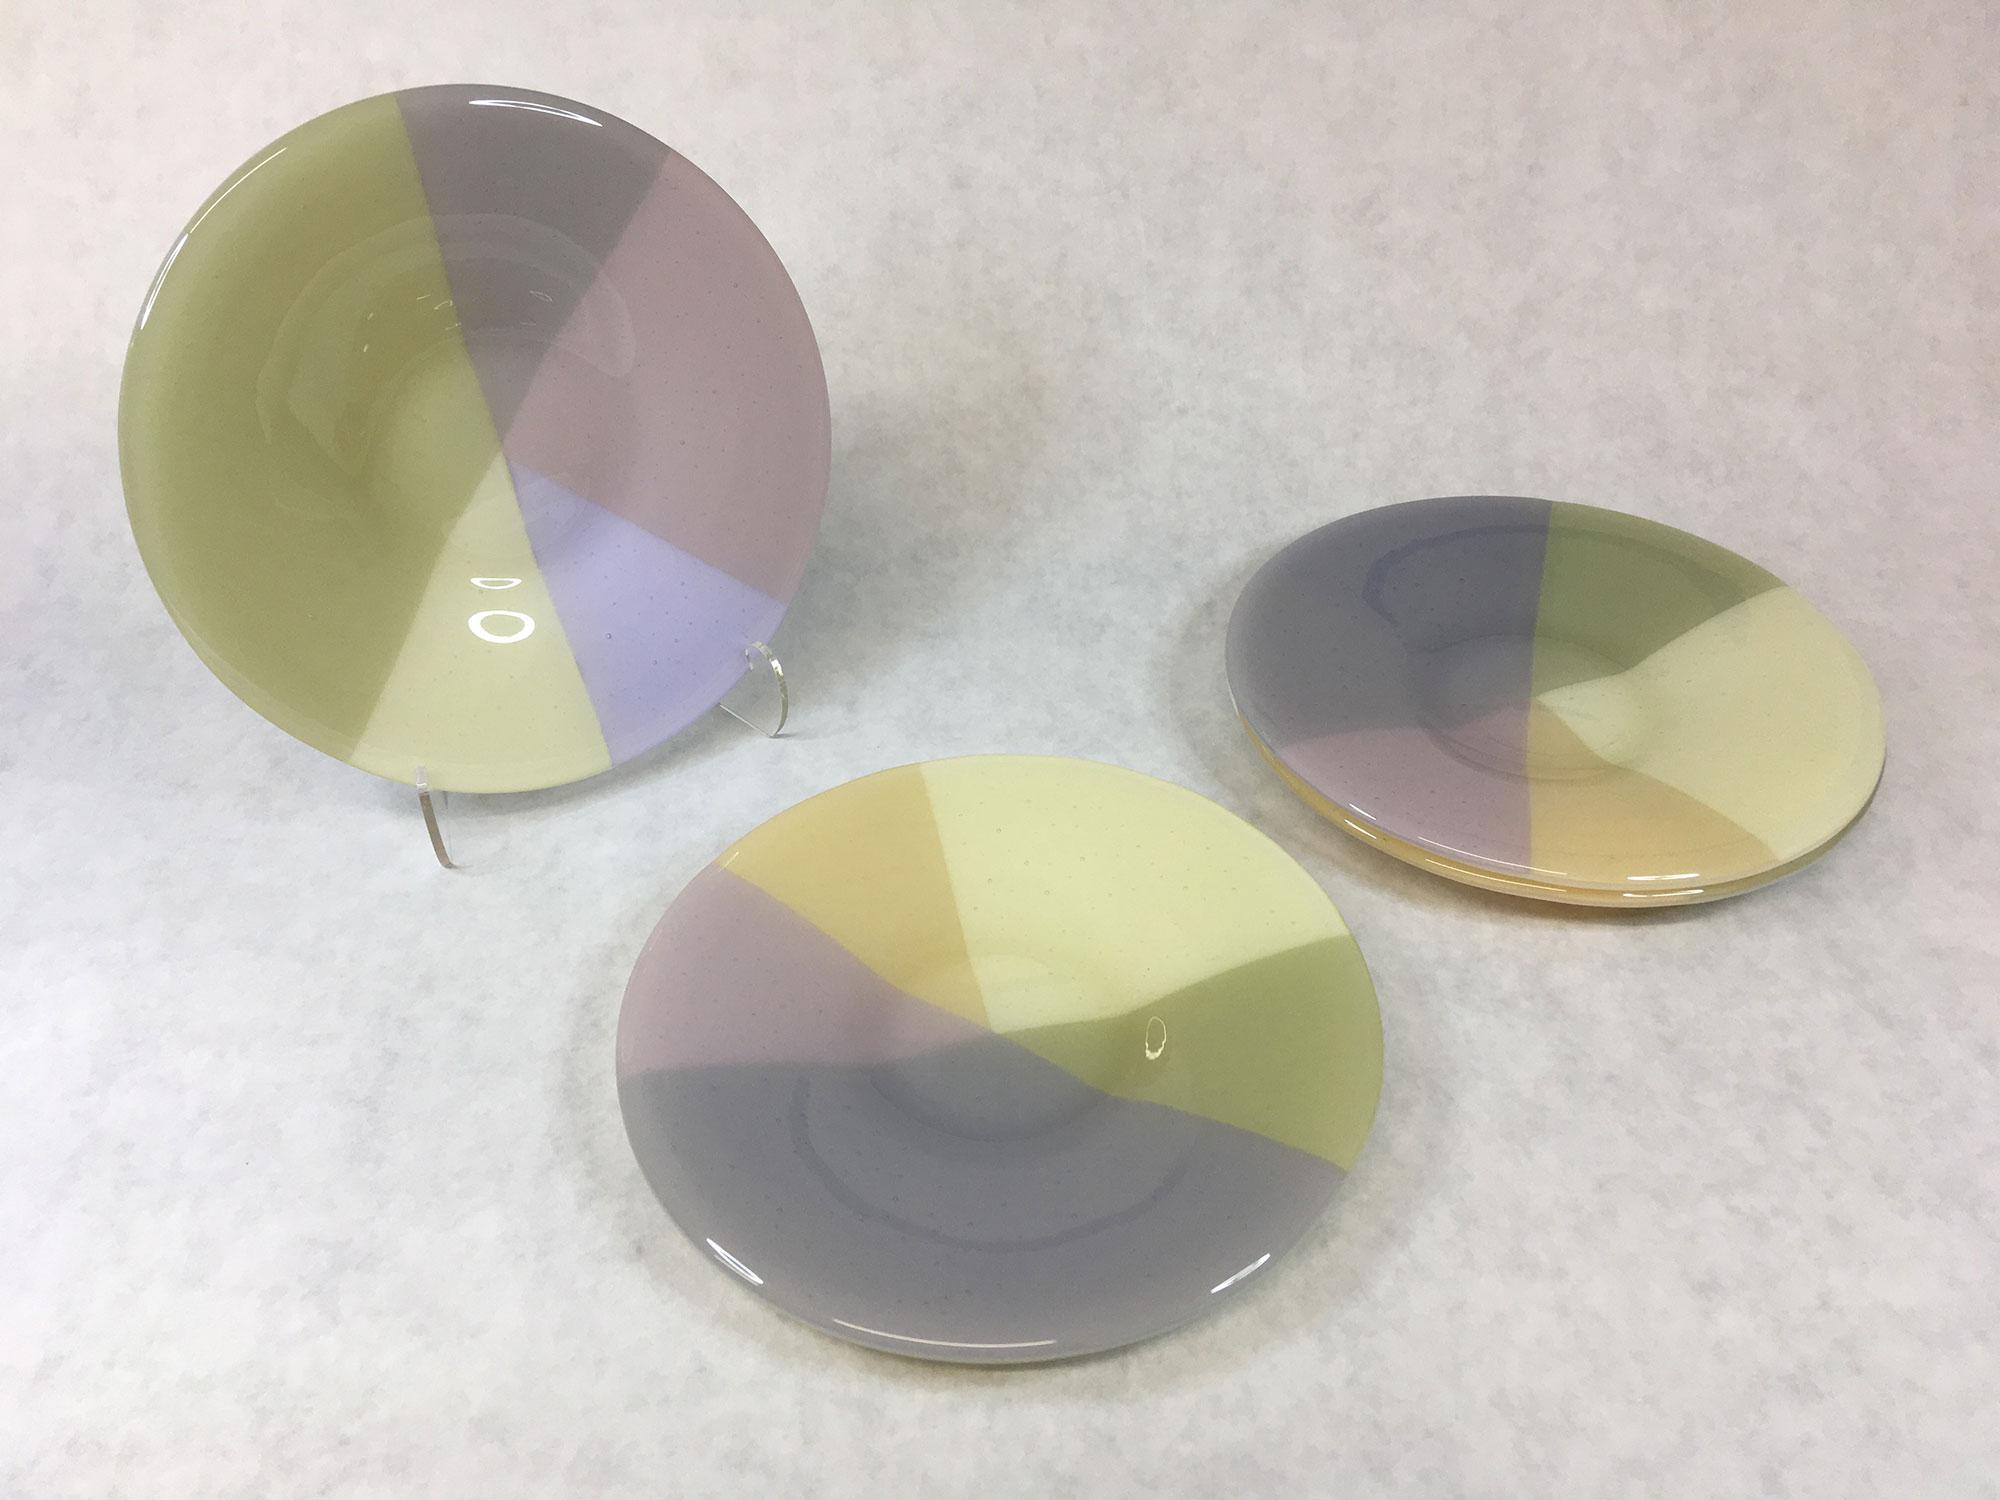 Four Pastel Plates